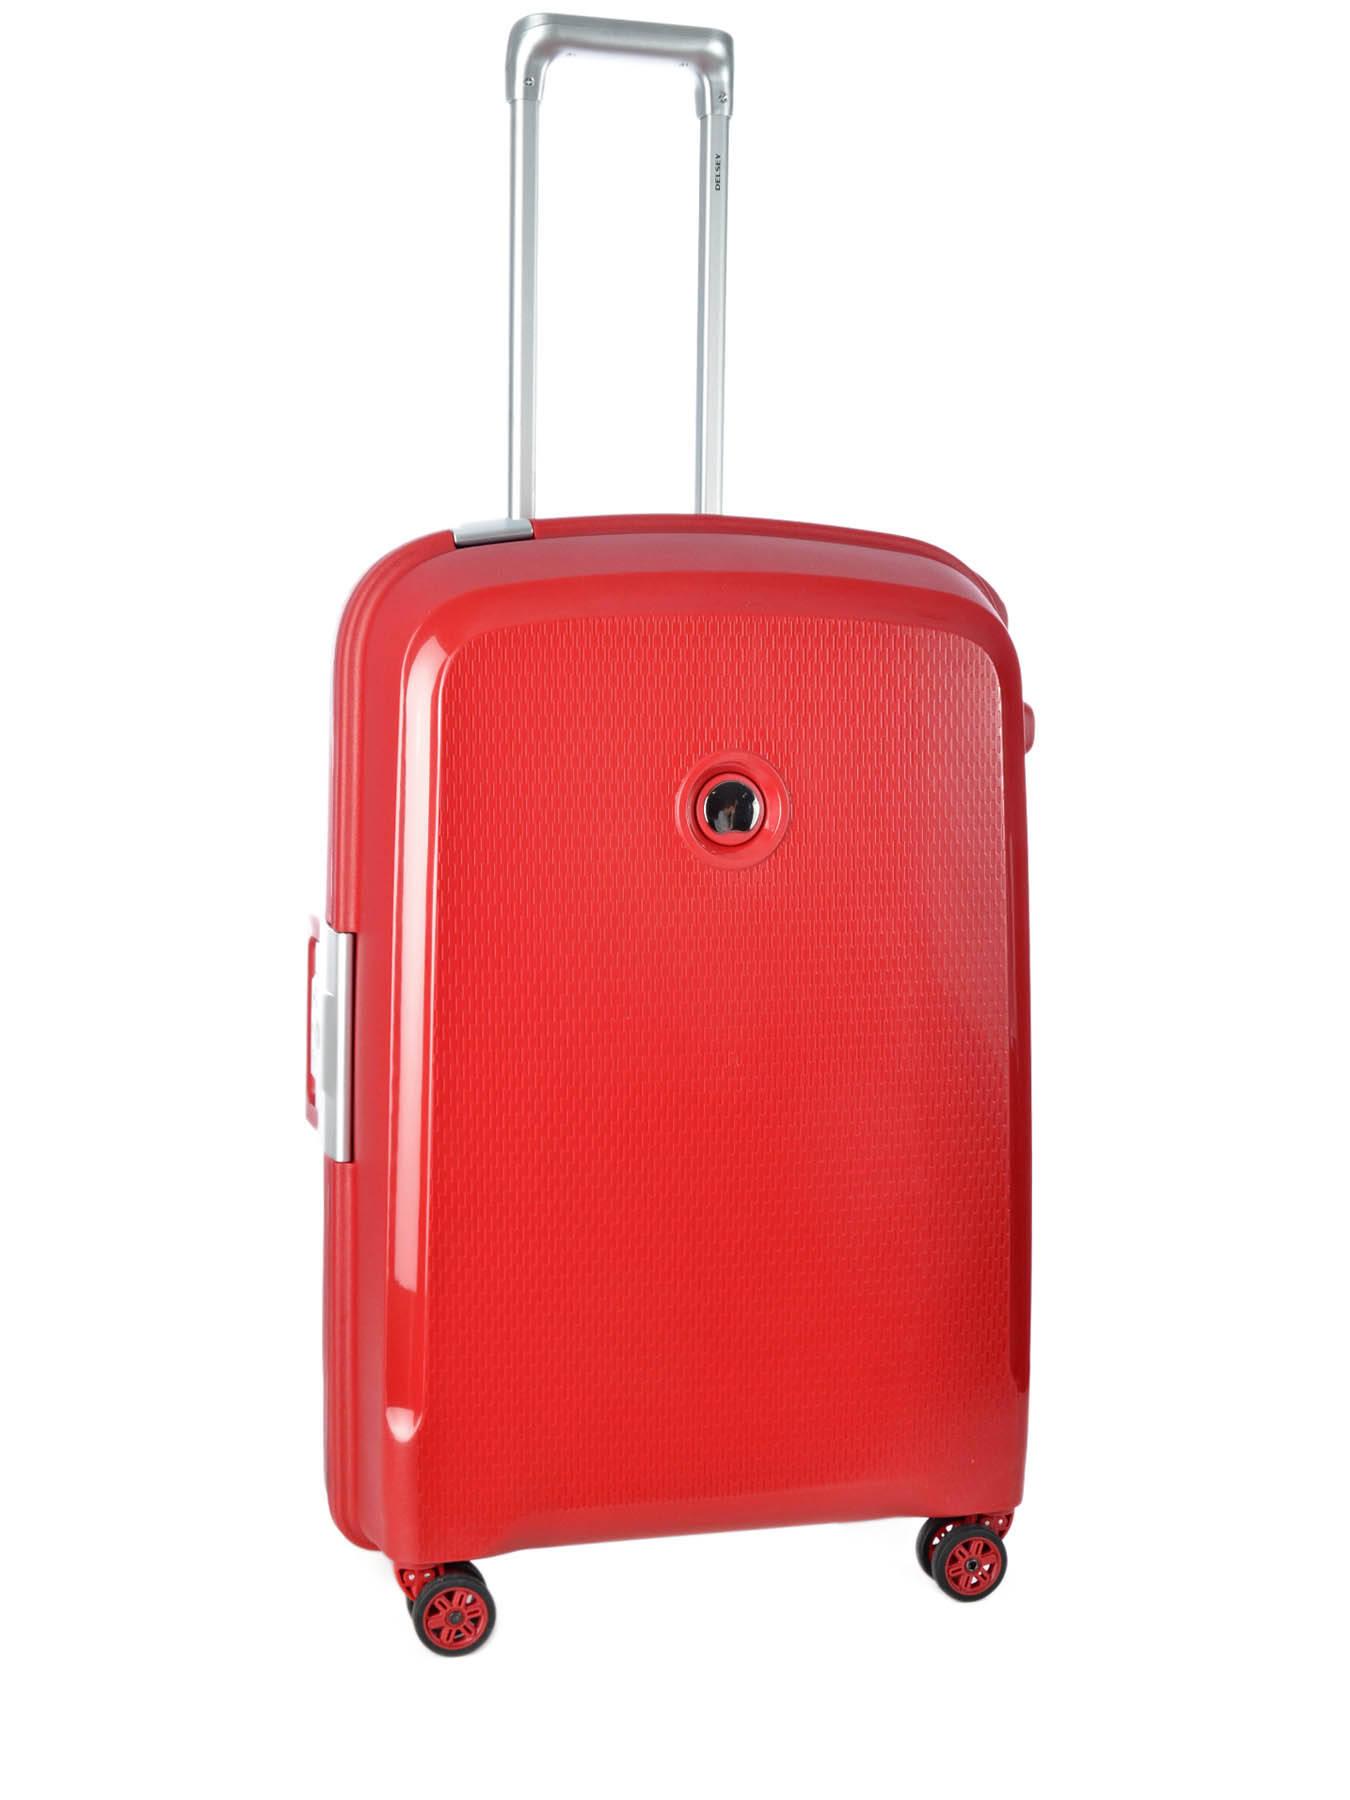 valise rigide delsey belfort rouge en vente au meilleur prix. Black Bedroom Furniture Sets. Home Design Ideas